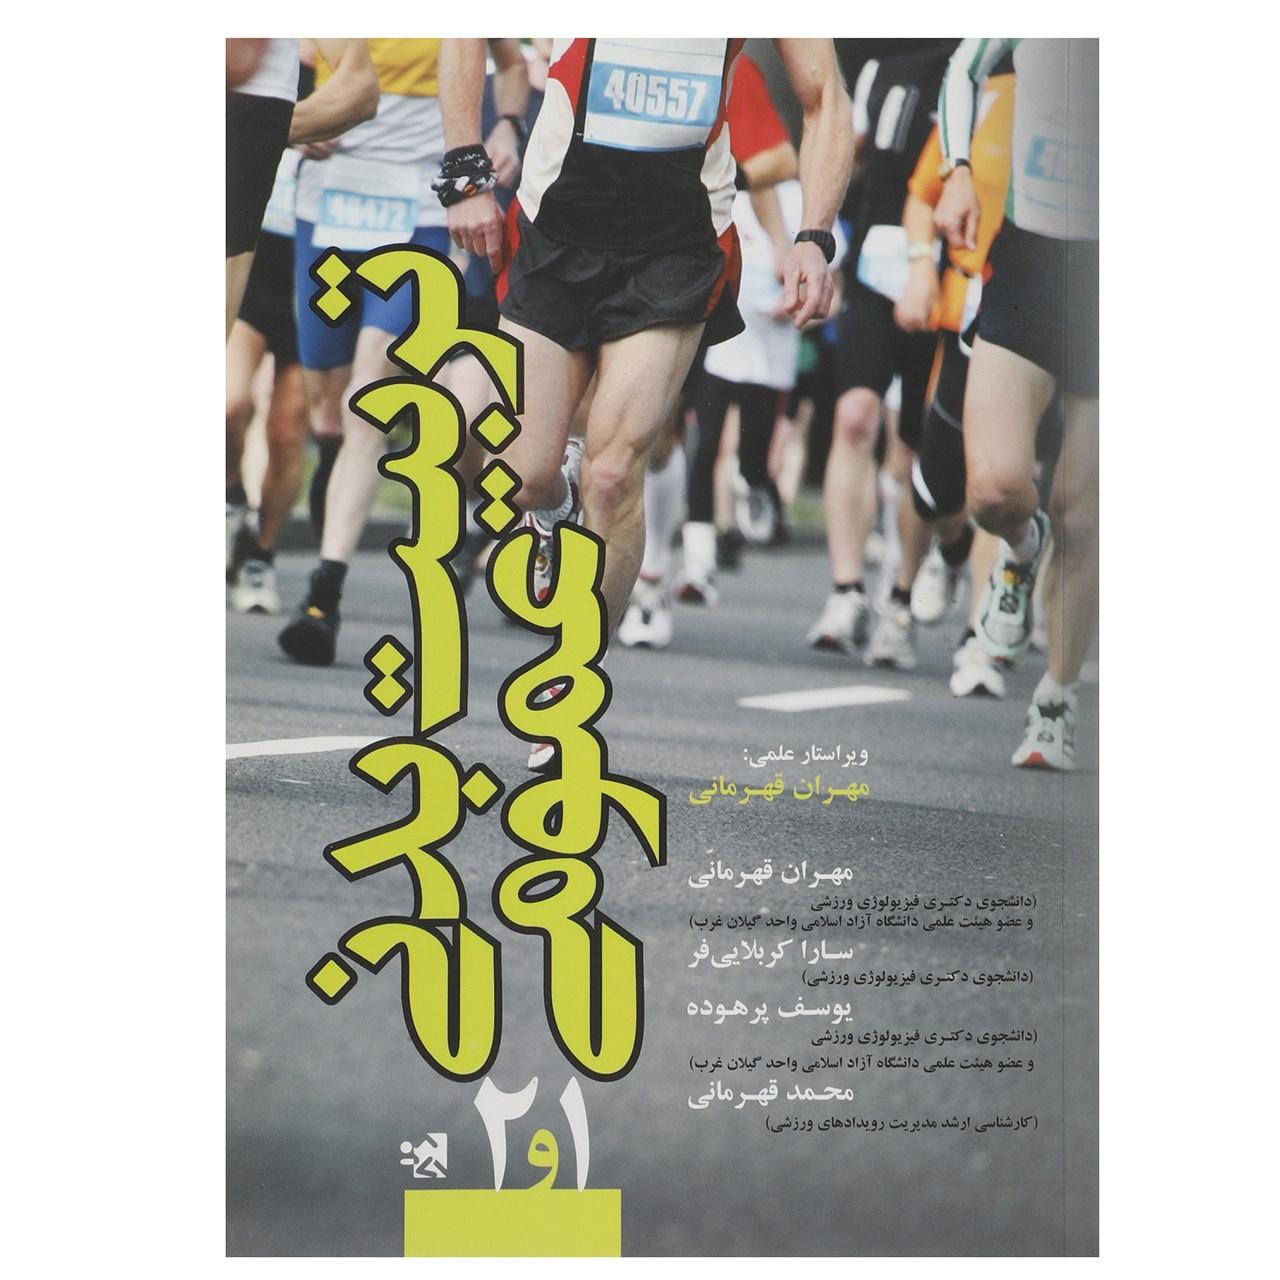 کتاب تربیت بدنی عمومی 1 و 2 اثر مهران قهرمانی